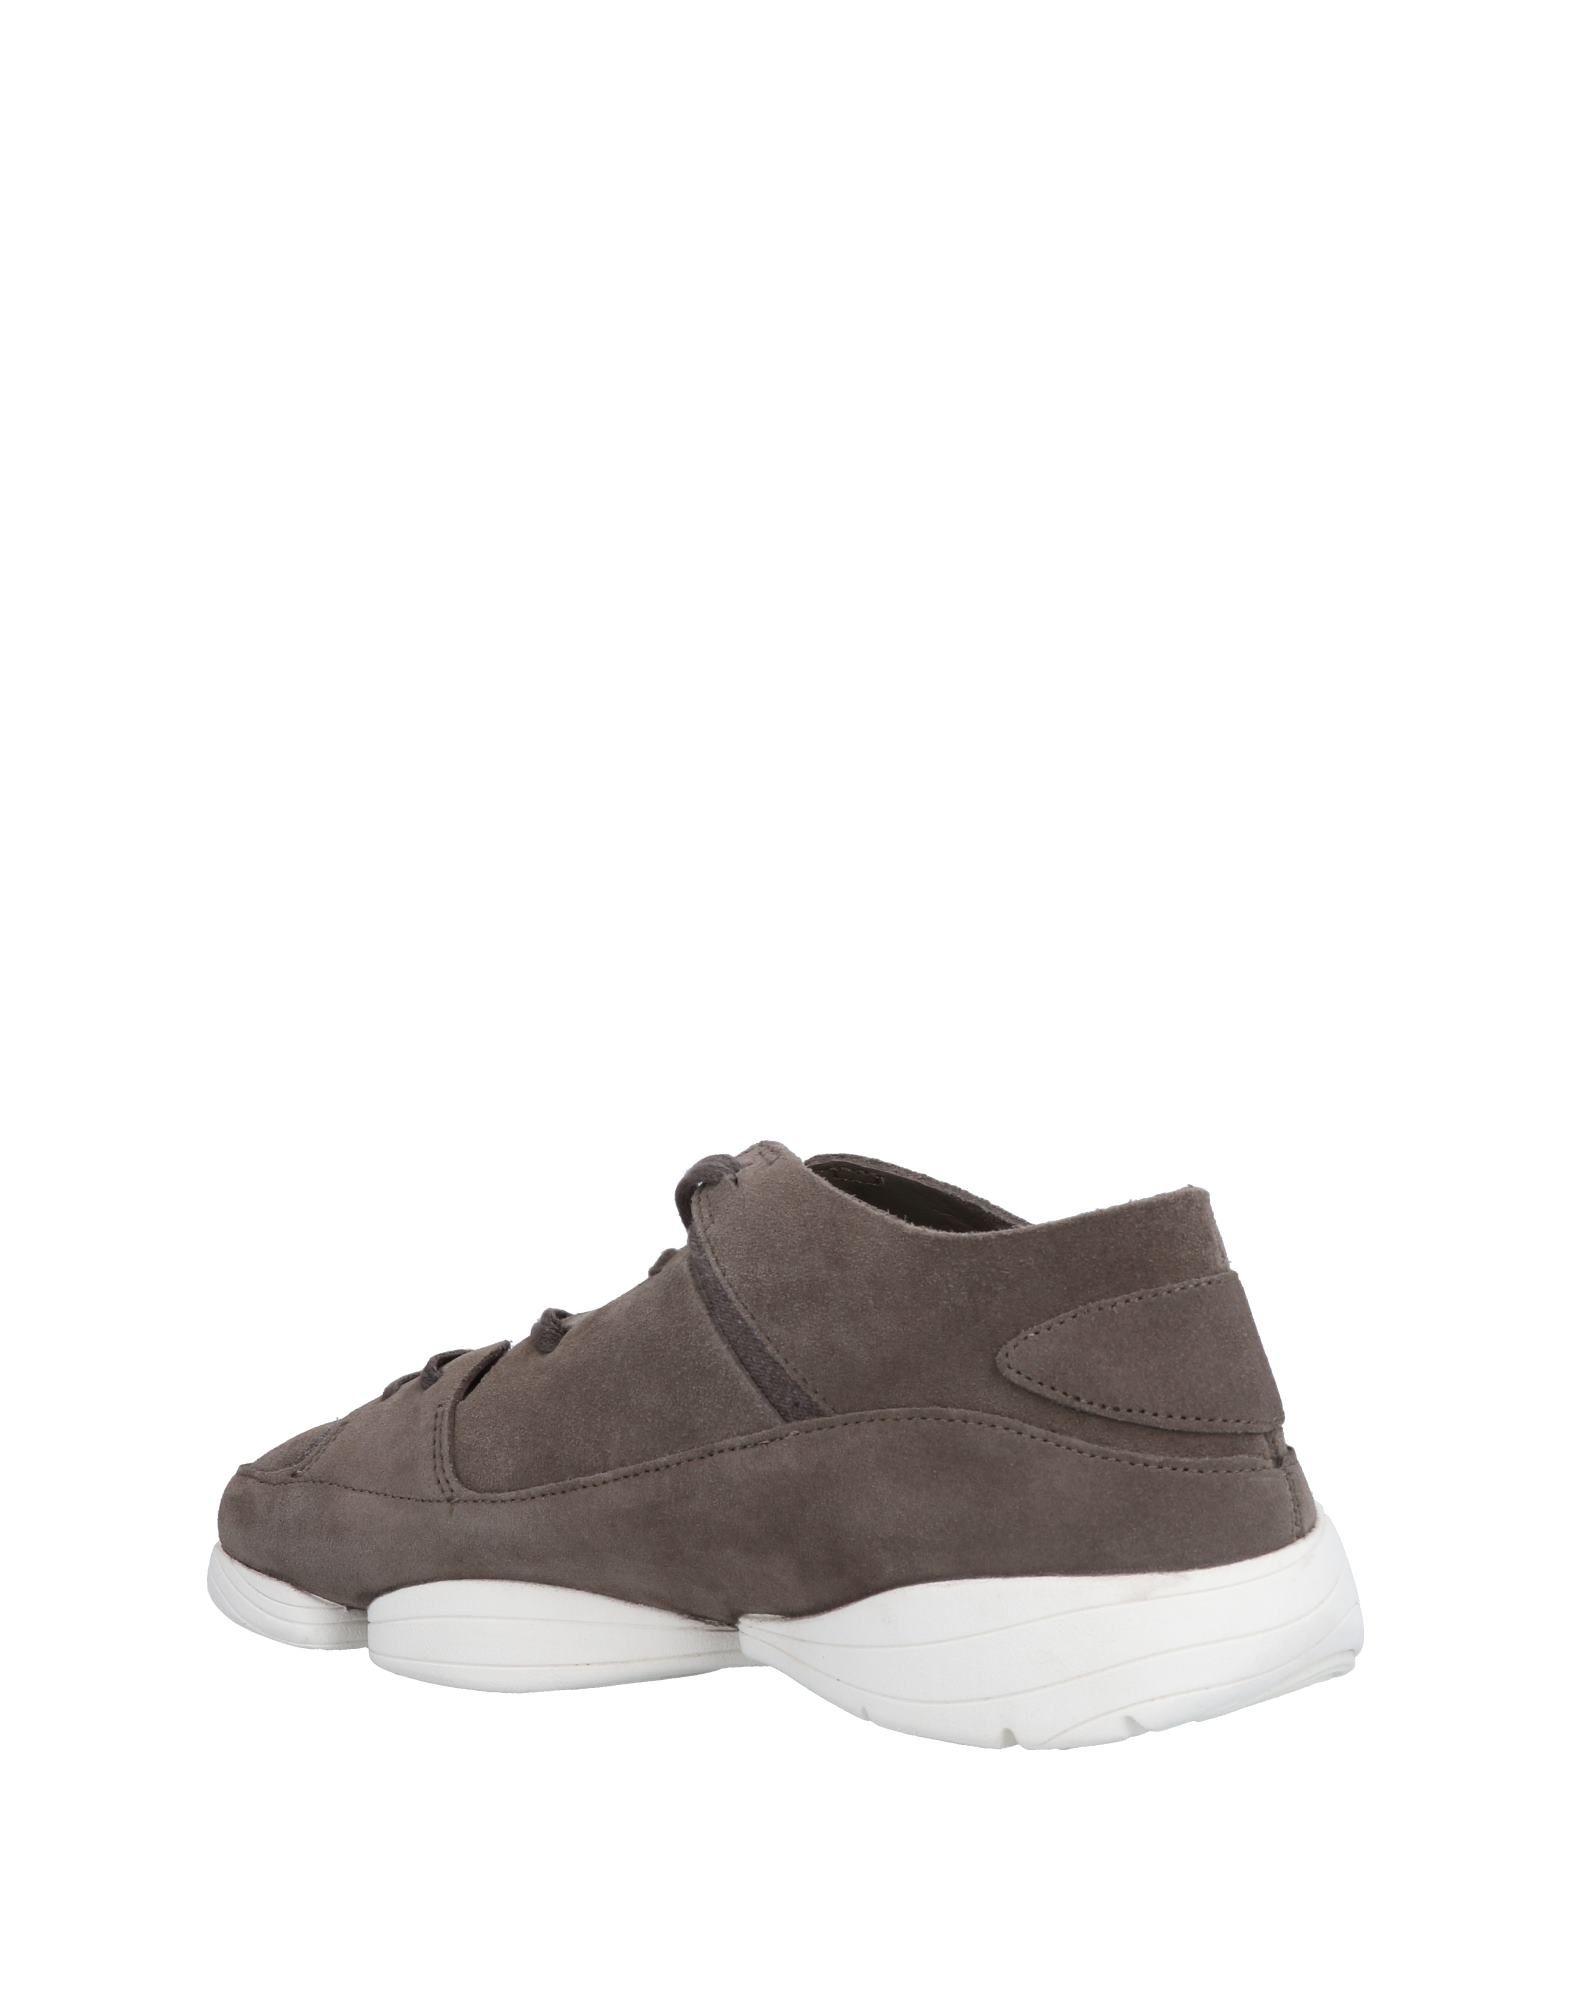 Clarks Originals Sneakers Herren Gutes Preis-Leistungs-Verhältnis, lohnt es lohnt Preis-Leistungs-Verhältnis, sich 795804